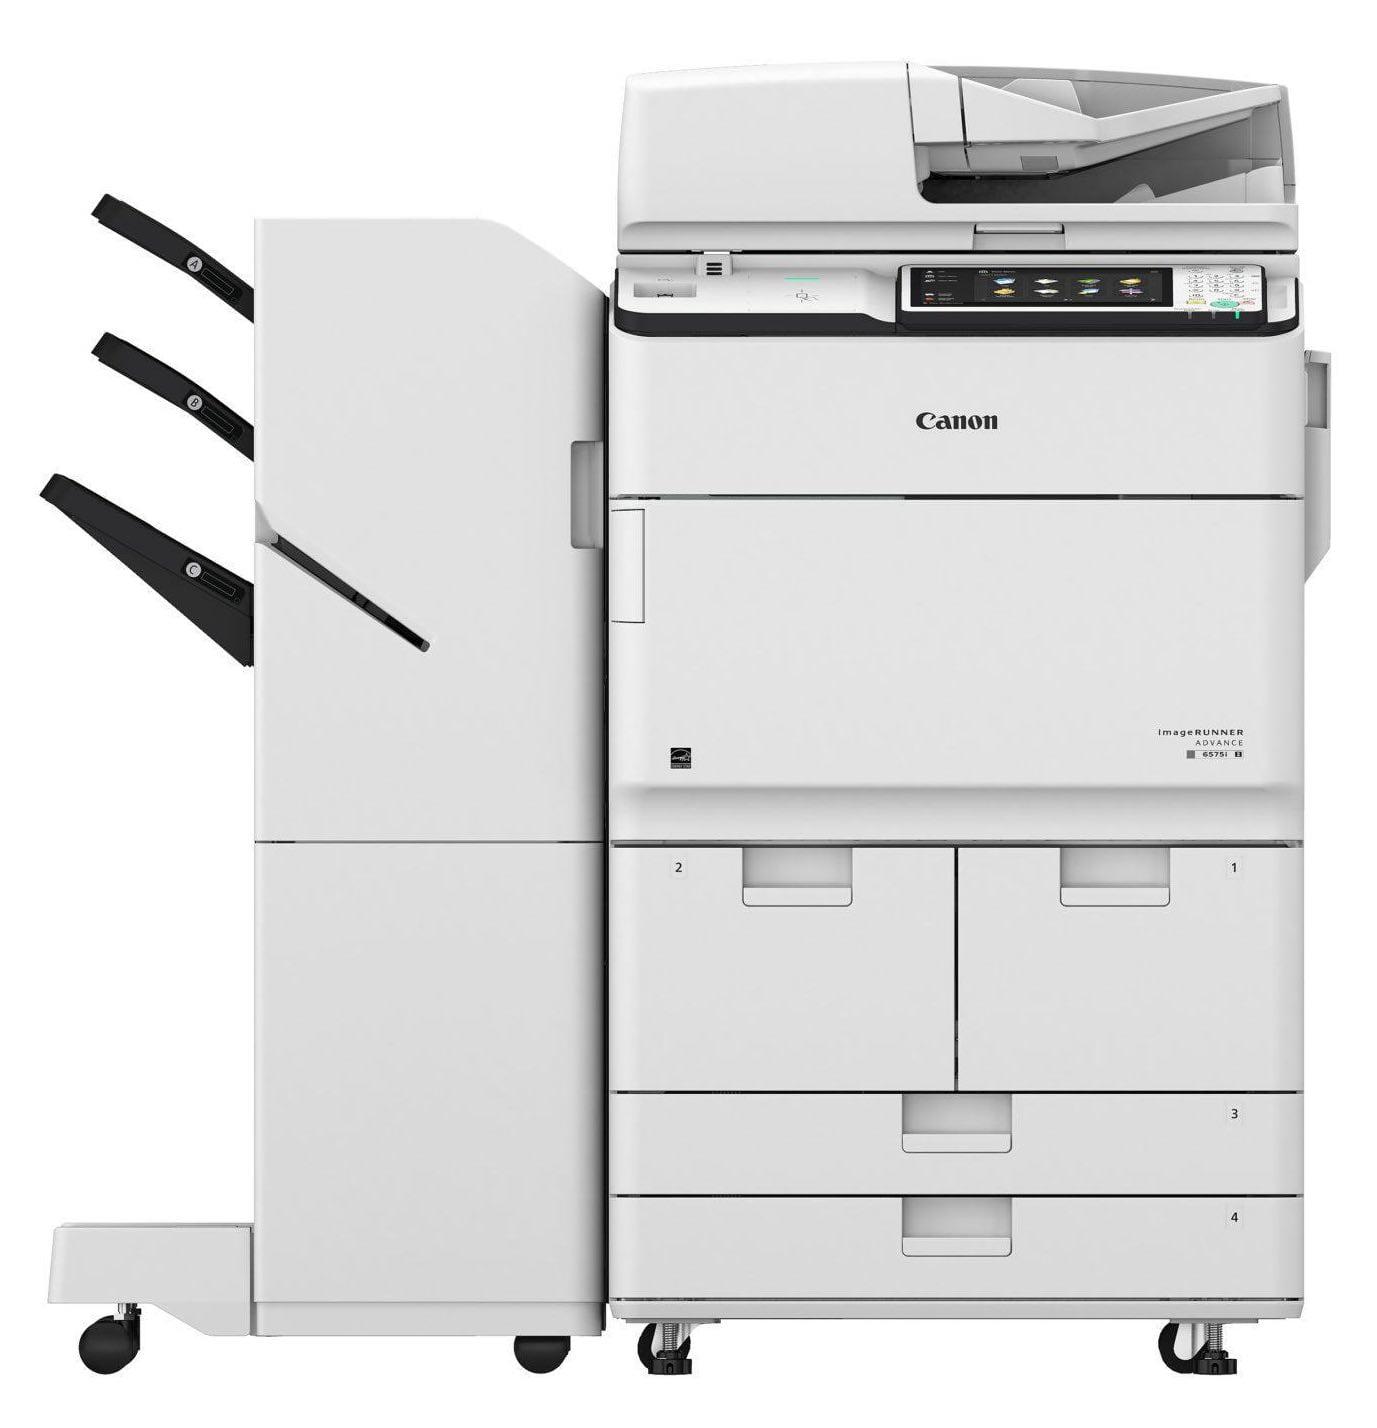 Canon copier service